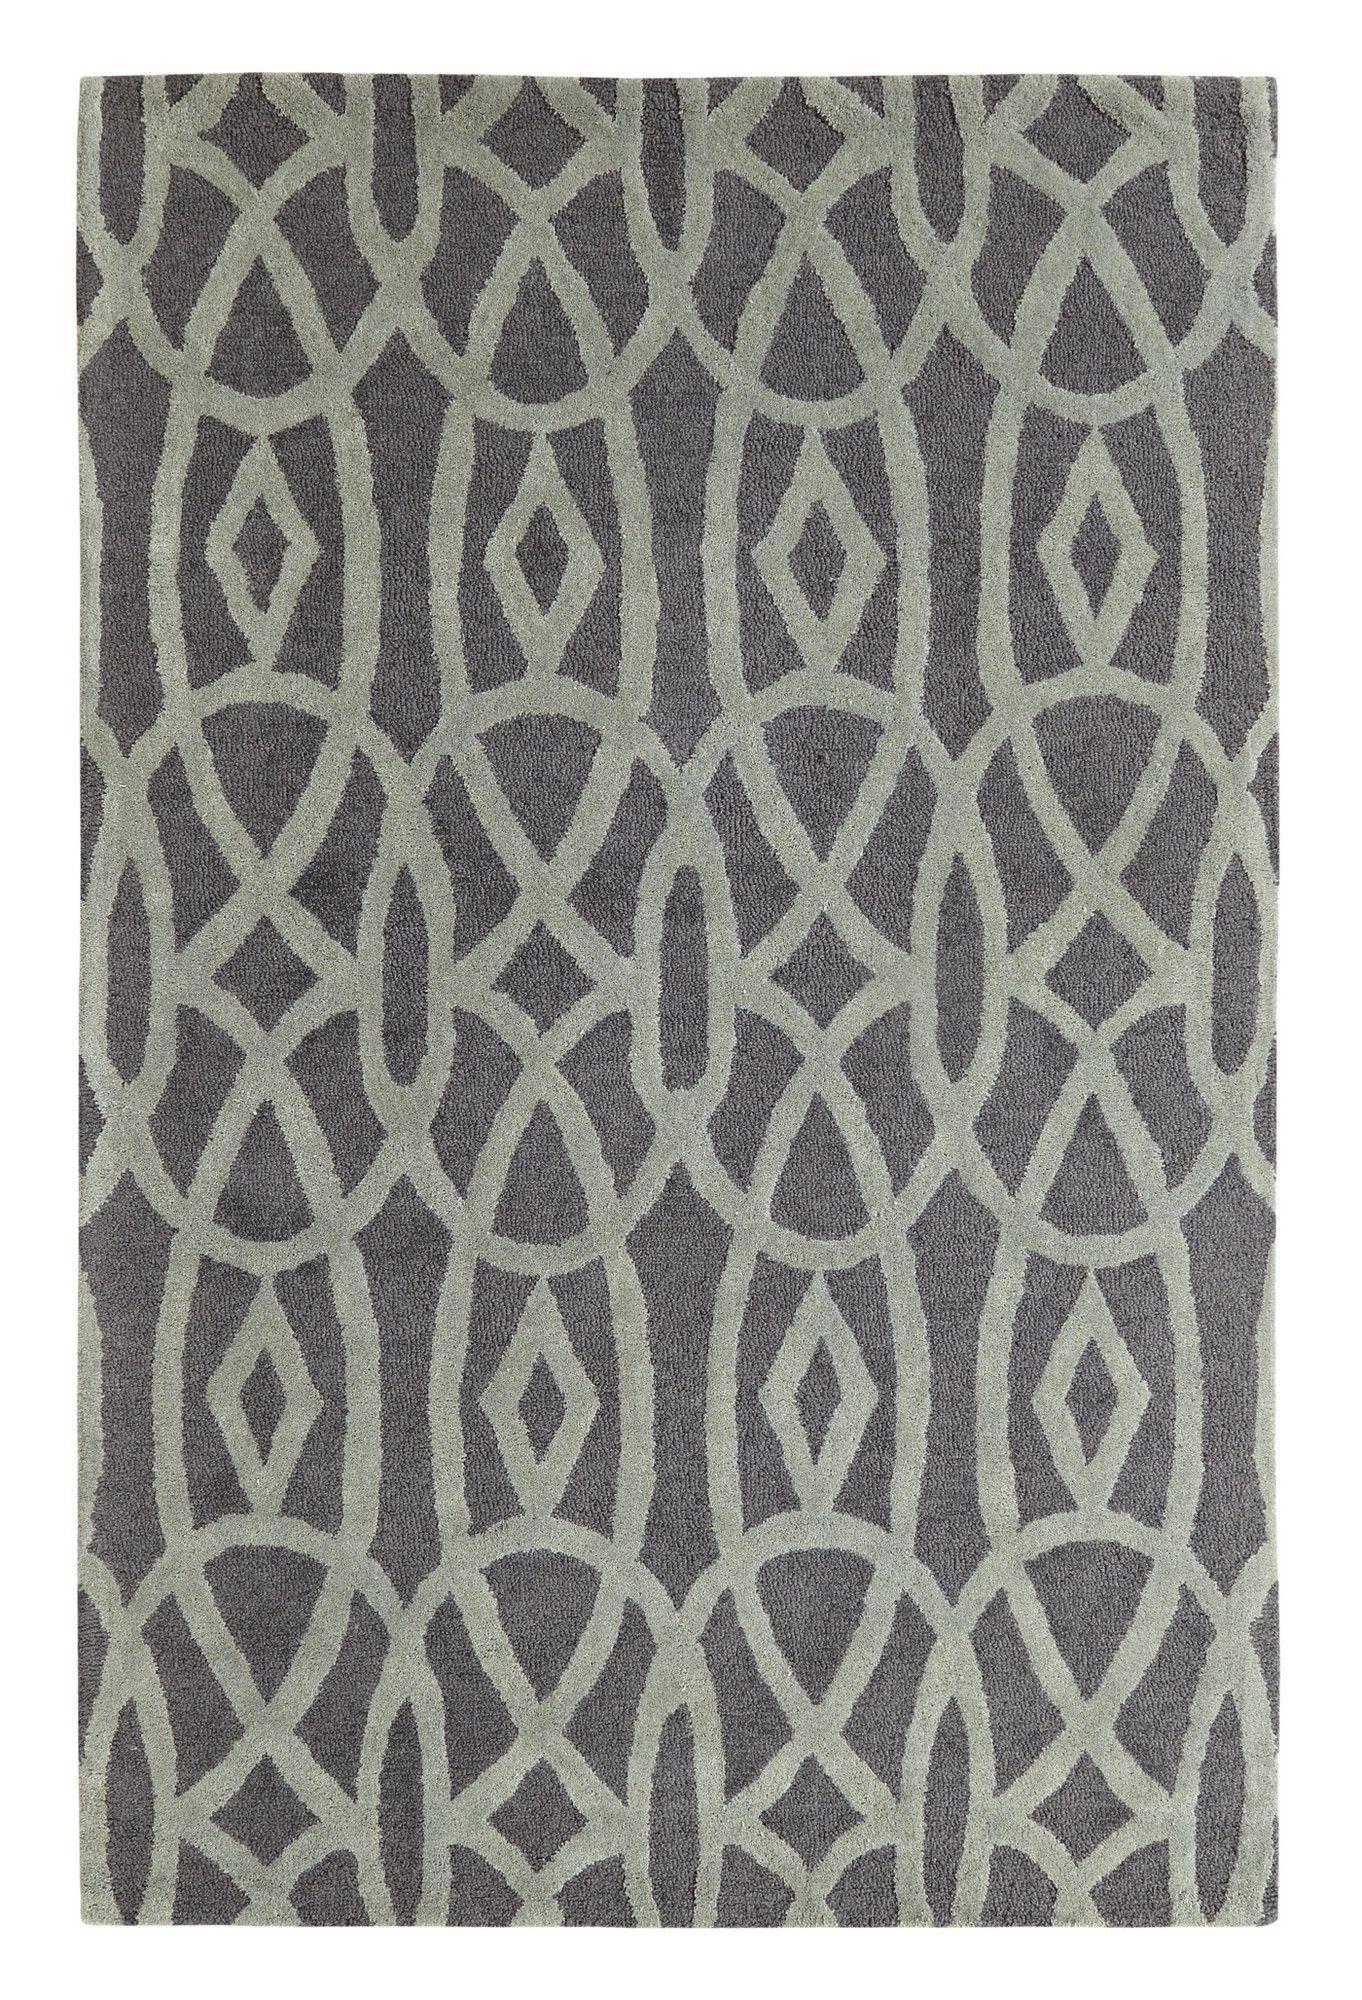 Palace Black/Grey Area Rug   Wayfair